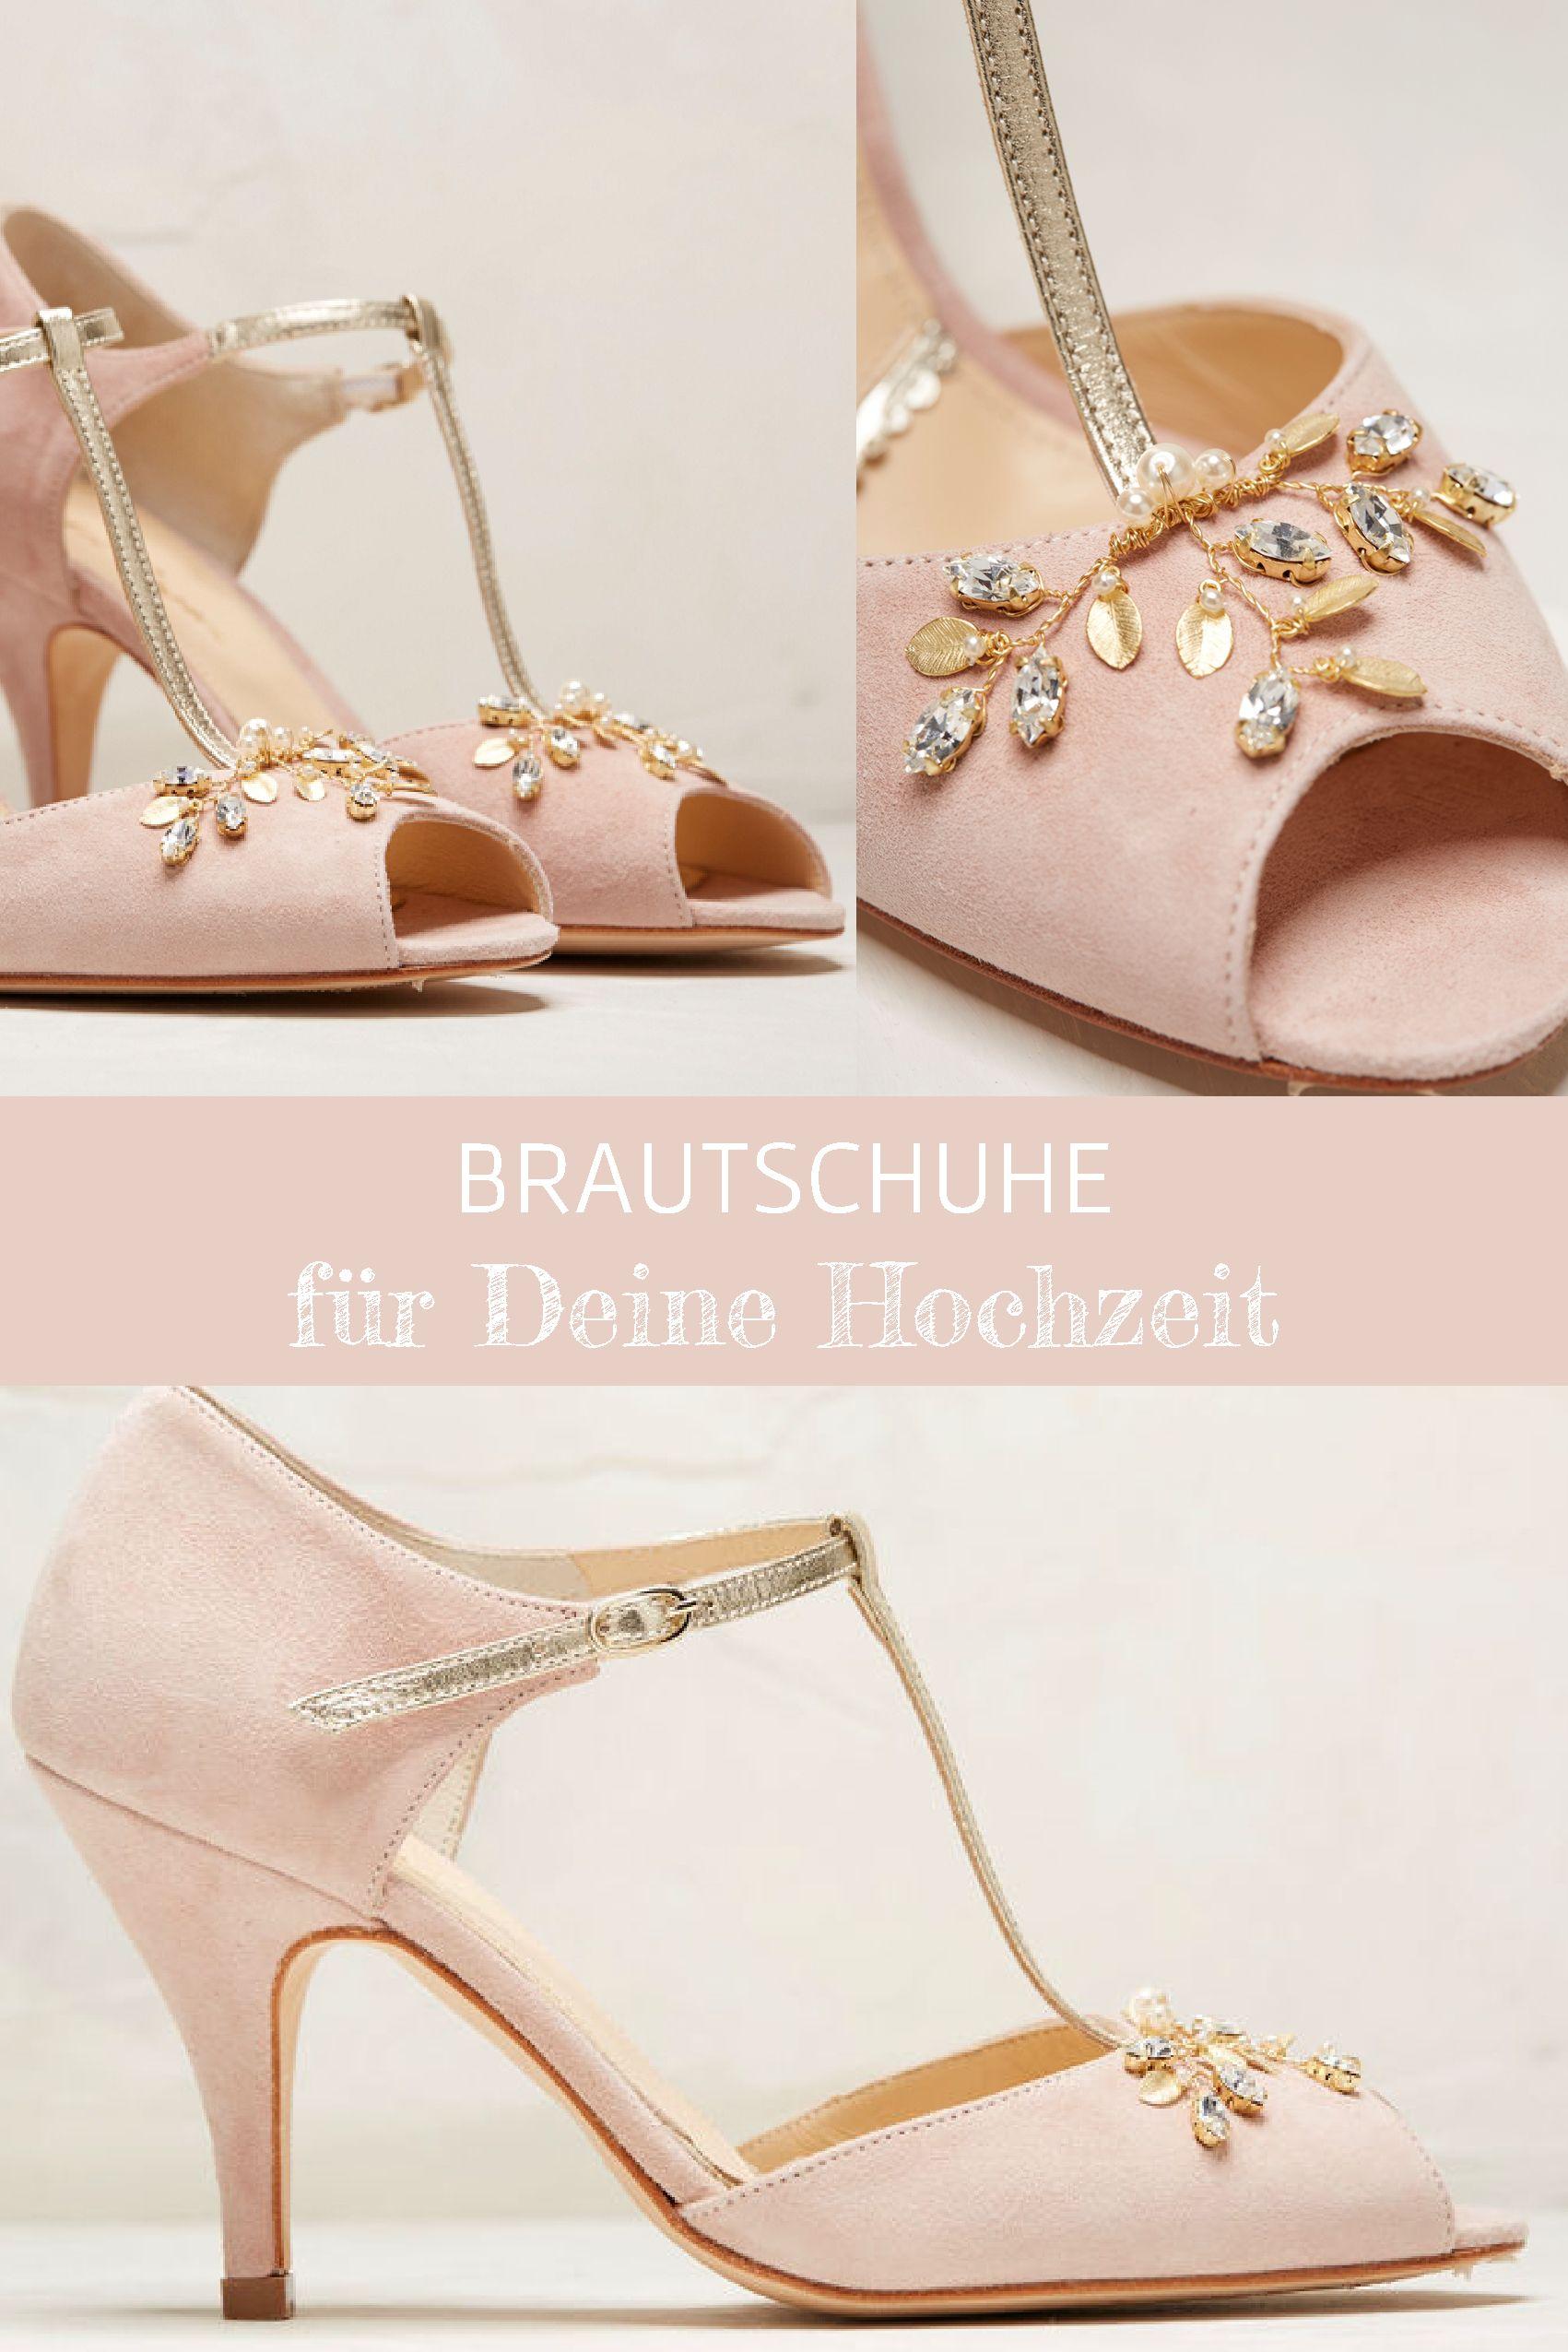 Brautschuhe Rosa mit Gold, schlichte Hochzeitsschuhe von Rachel Simpson  Shoes edd6baeb1c